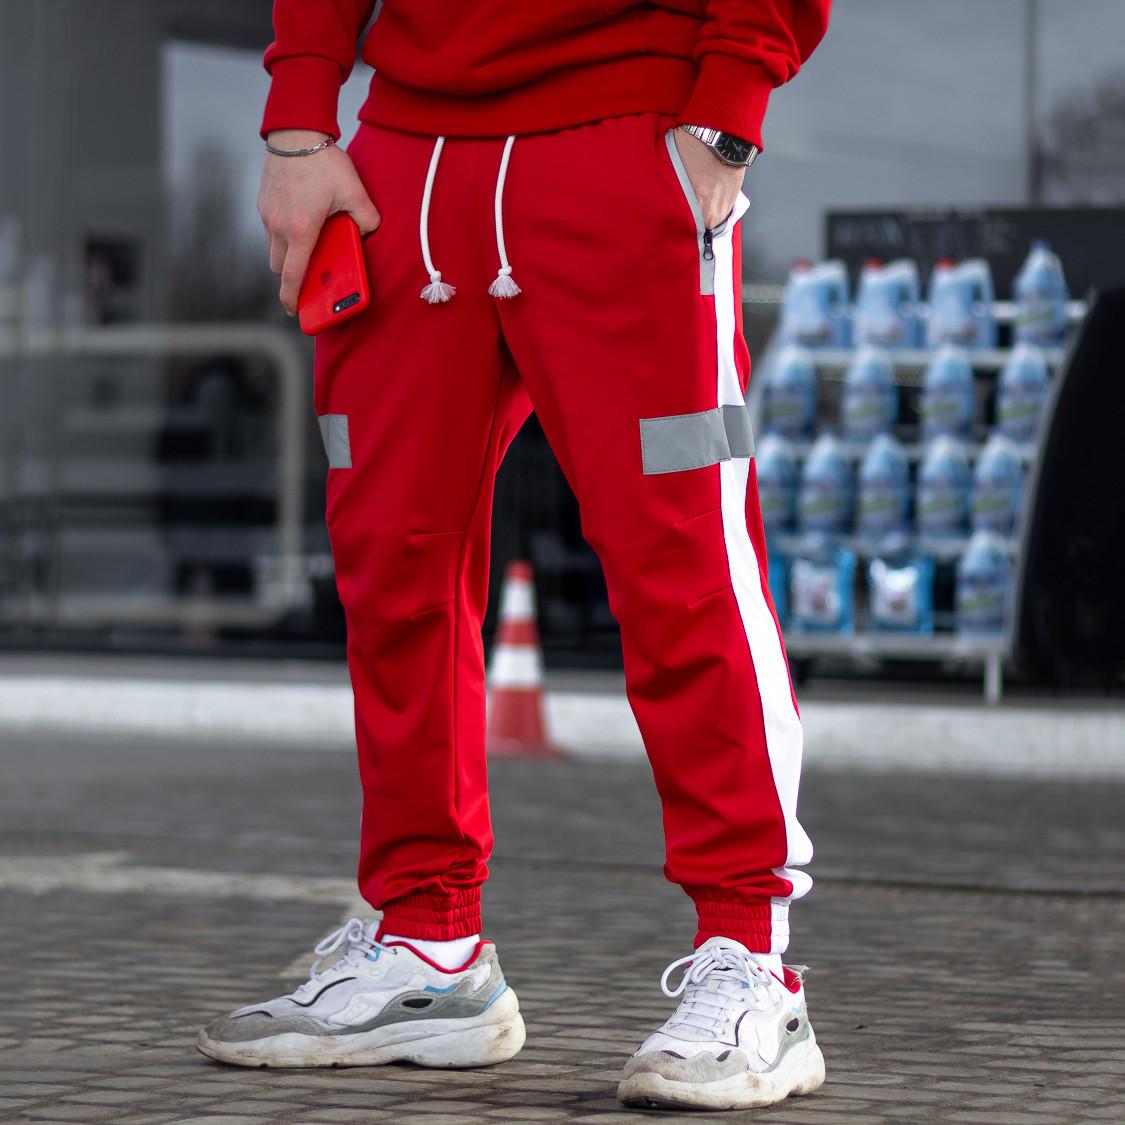 Спортивные штаны Пушка Огонь Wline красные - размер XS